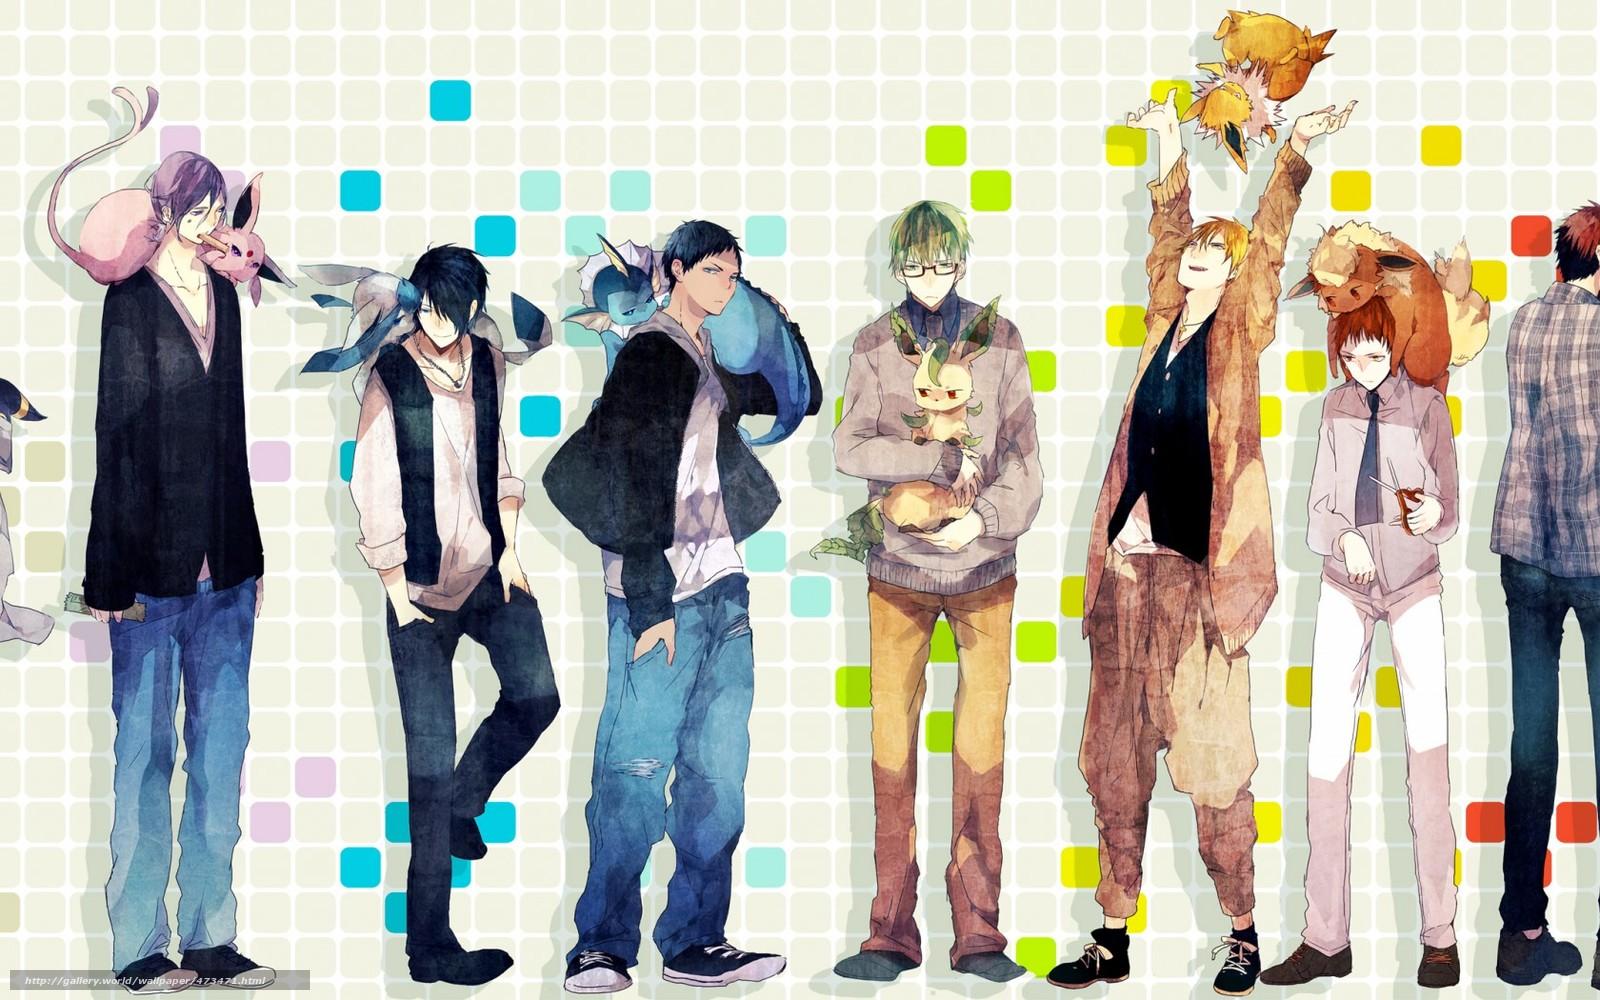 descargar gratis arte anime baloncesto kuroko los nios fondos de escritorio en la resolucin x u imagen